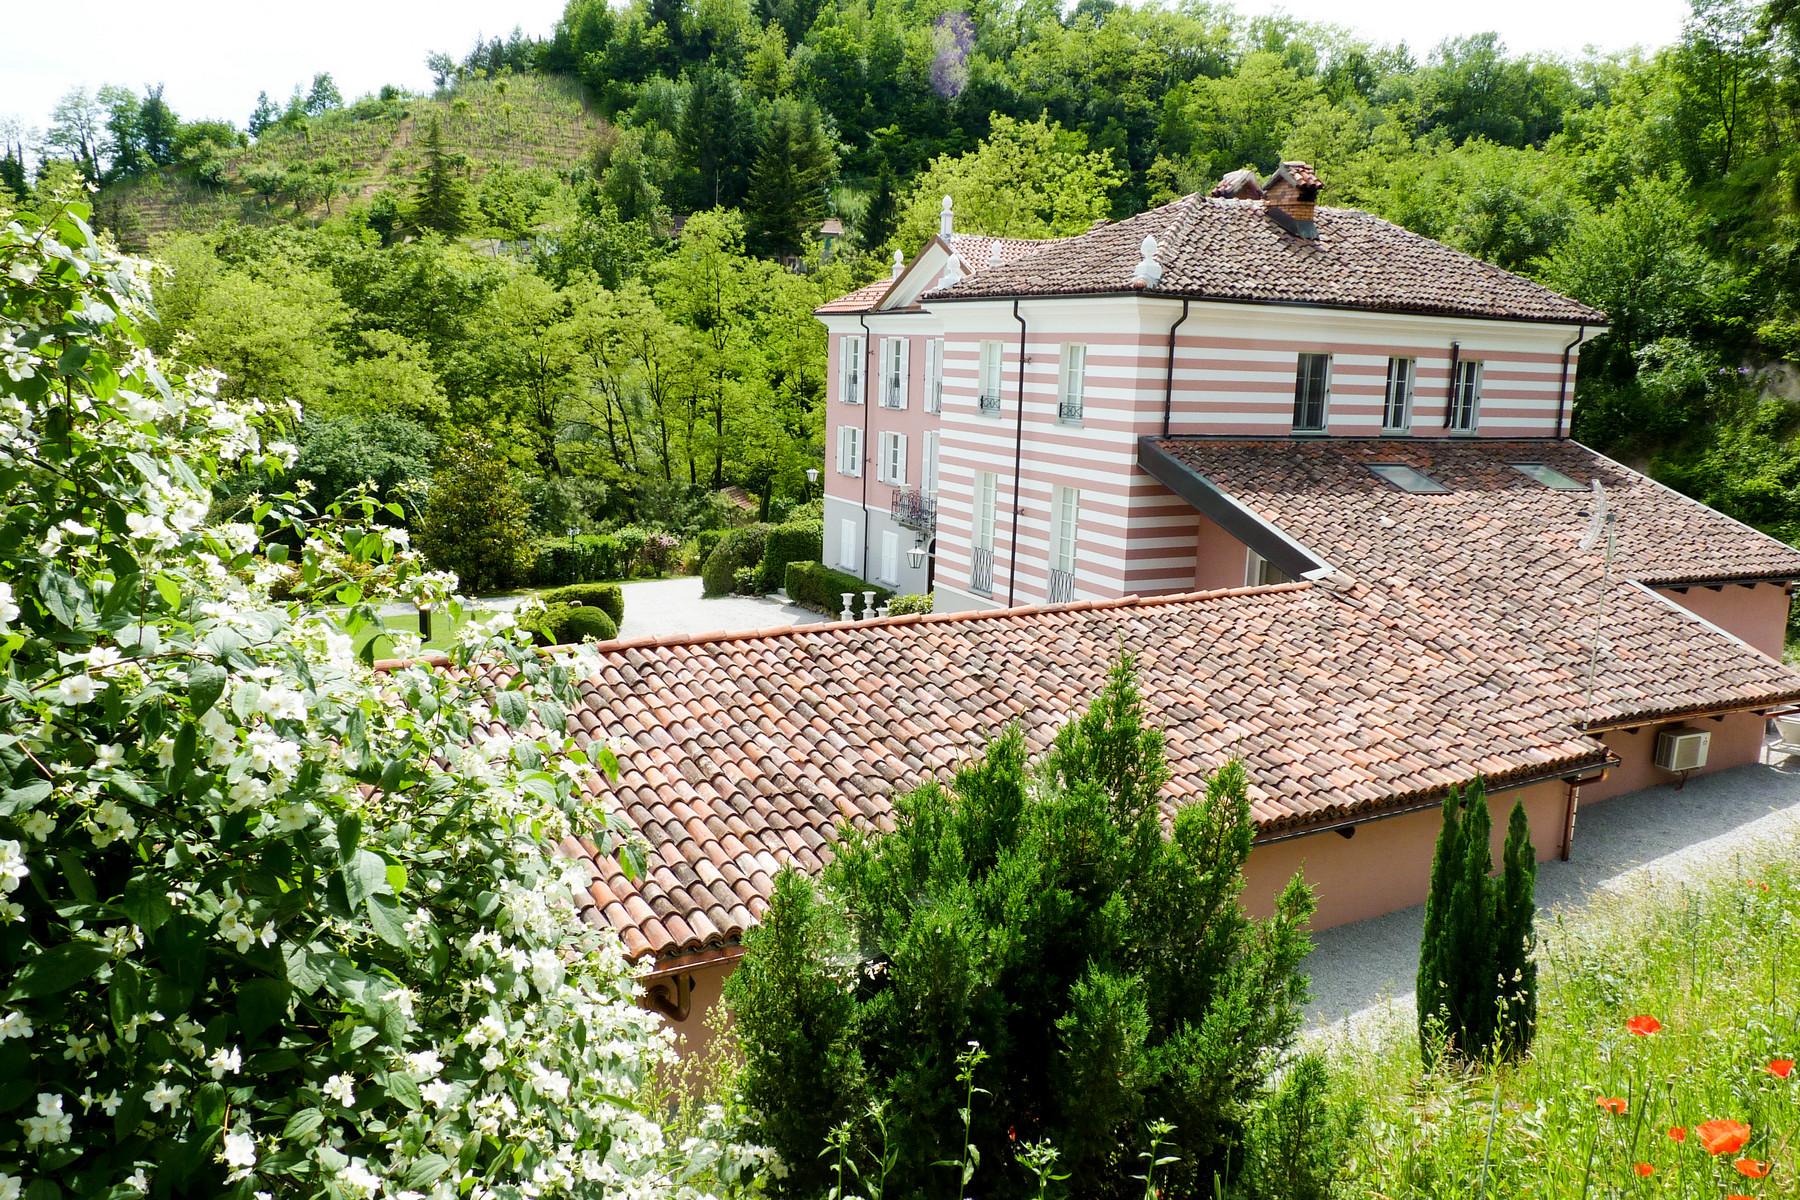 Villa in Vendita a Acqui Terme: 5 locali, 790 mq - Foto 6